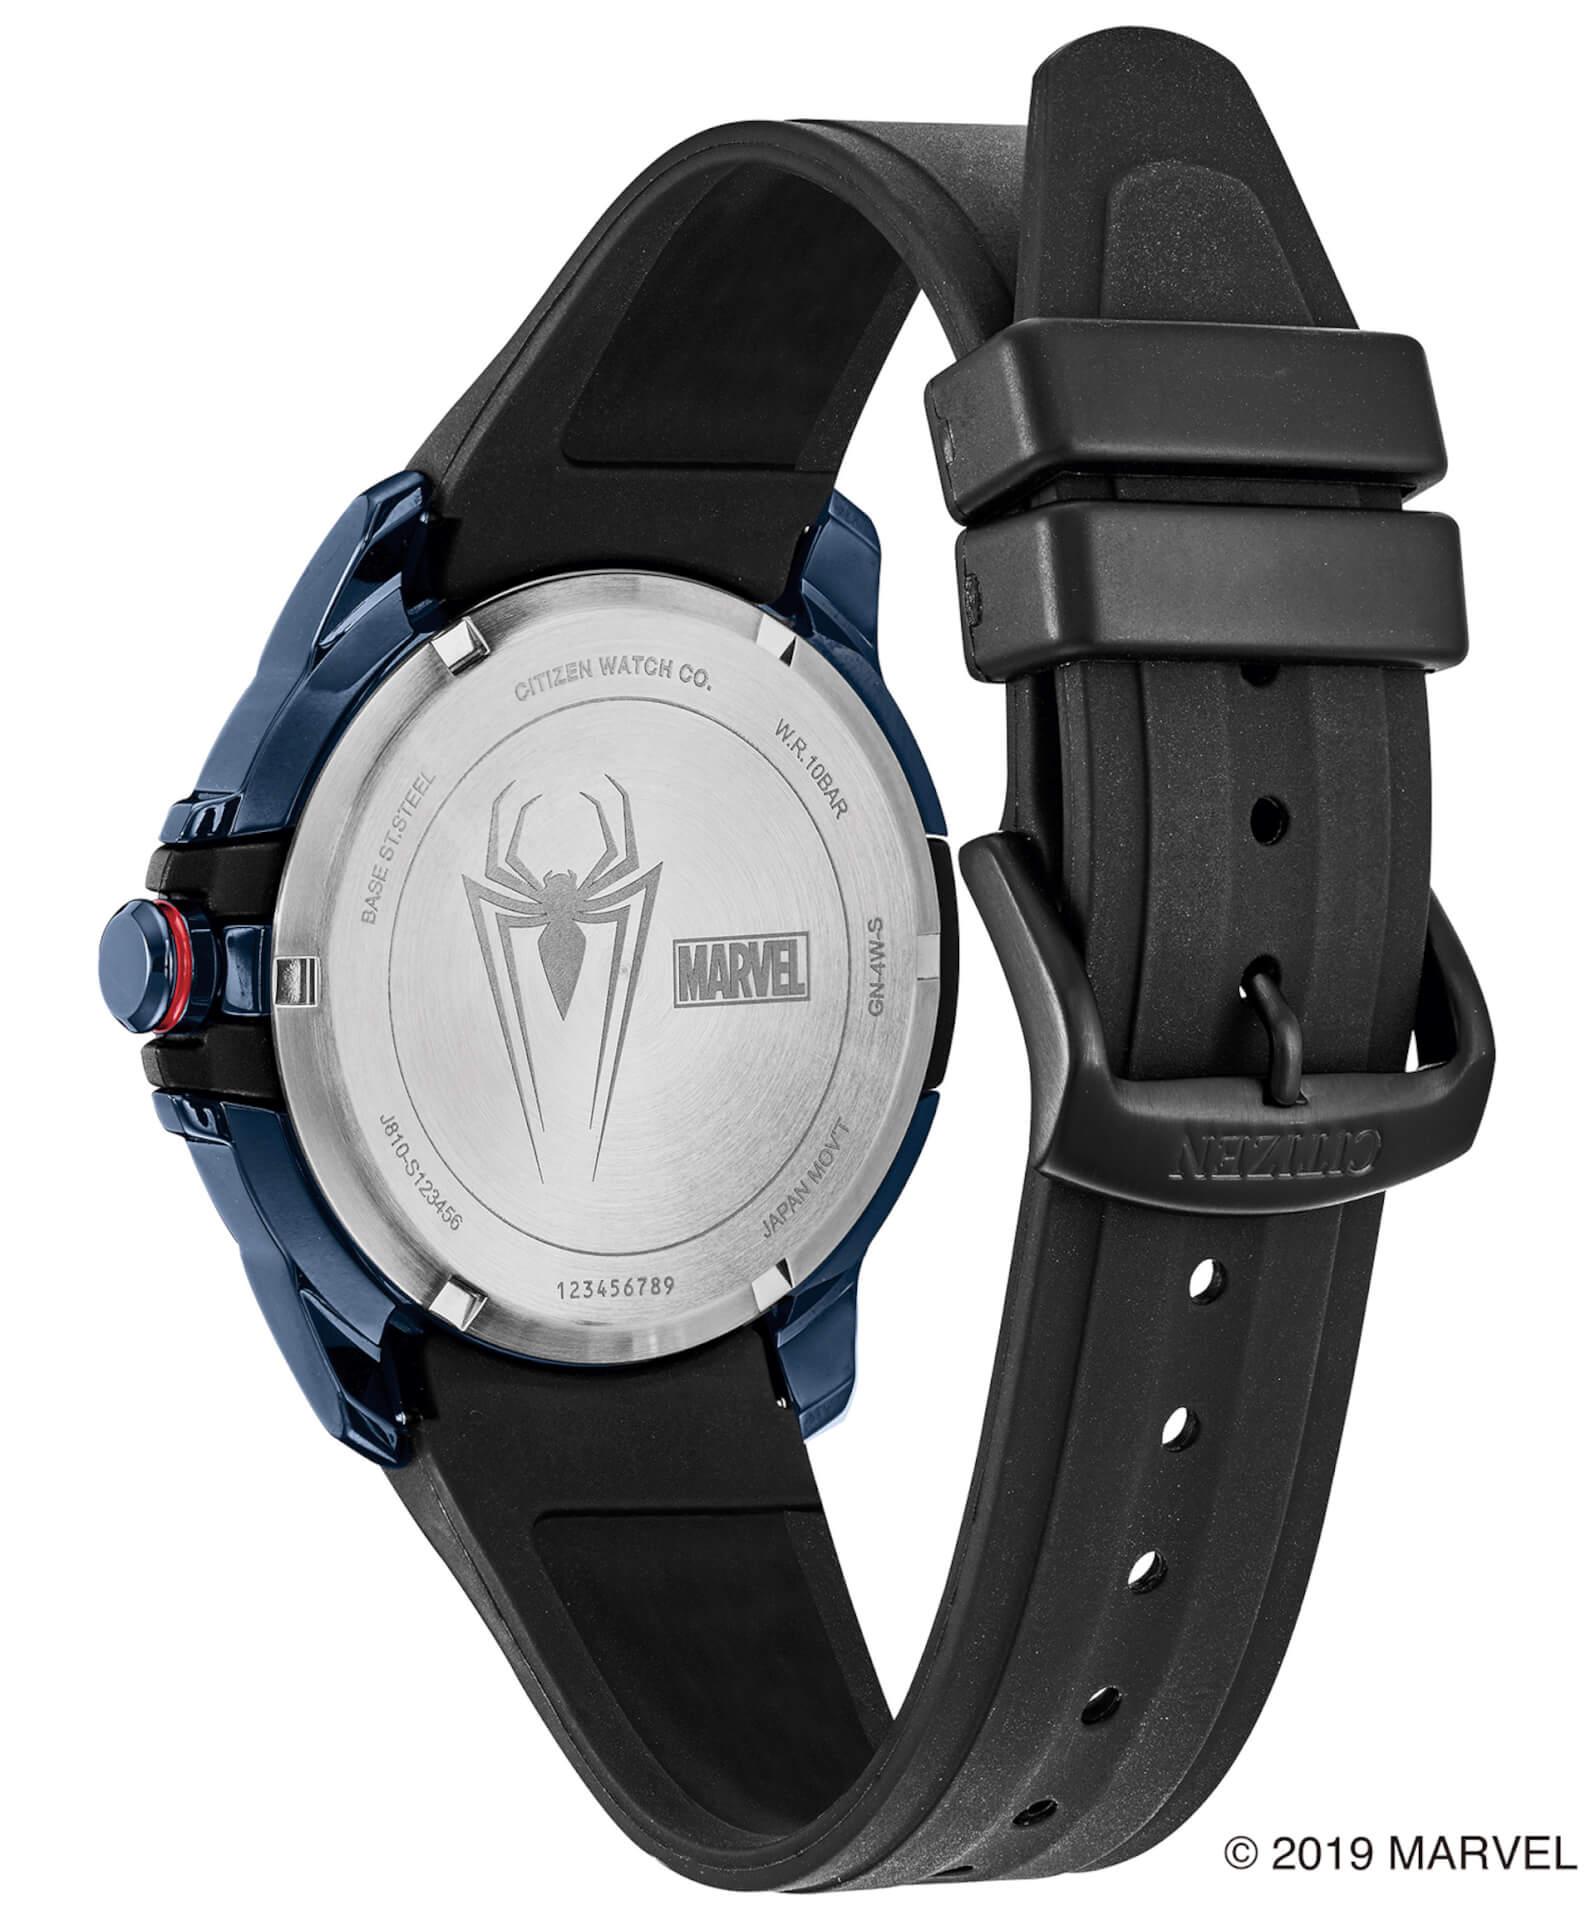 「スパイダーマン」や「キャプテン・アメリカ」が腕時計に!マーベルキャラクターをモチーフにしたシチズン腕時計全9モデルが登場 tech190919_marvel_watch_16